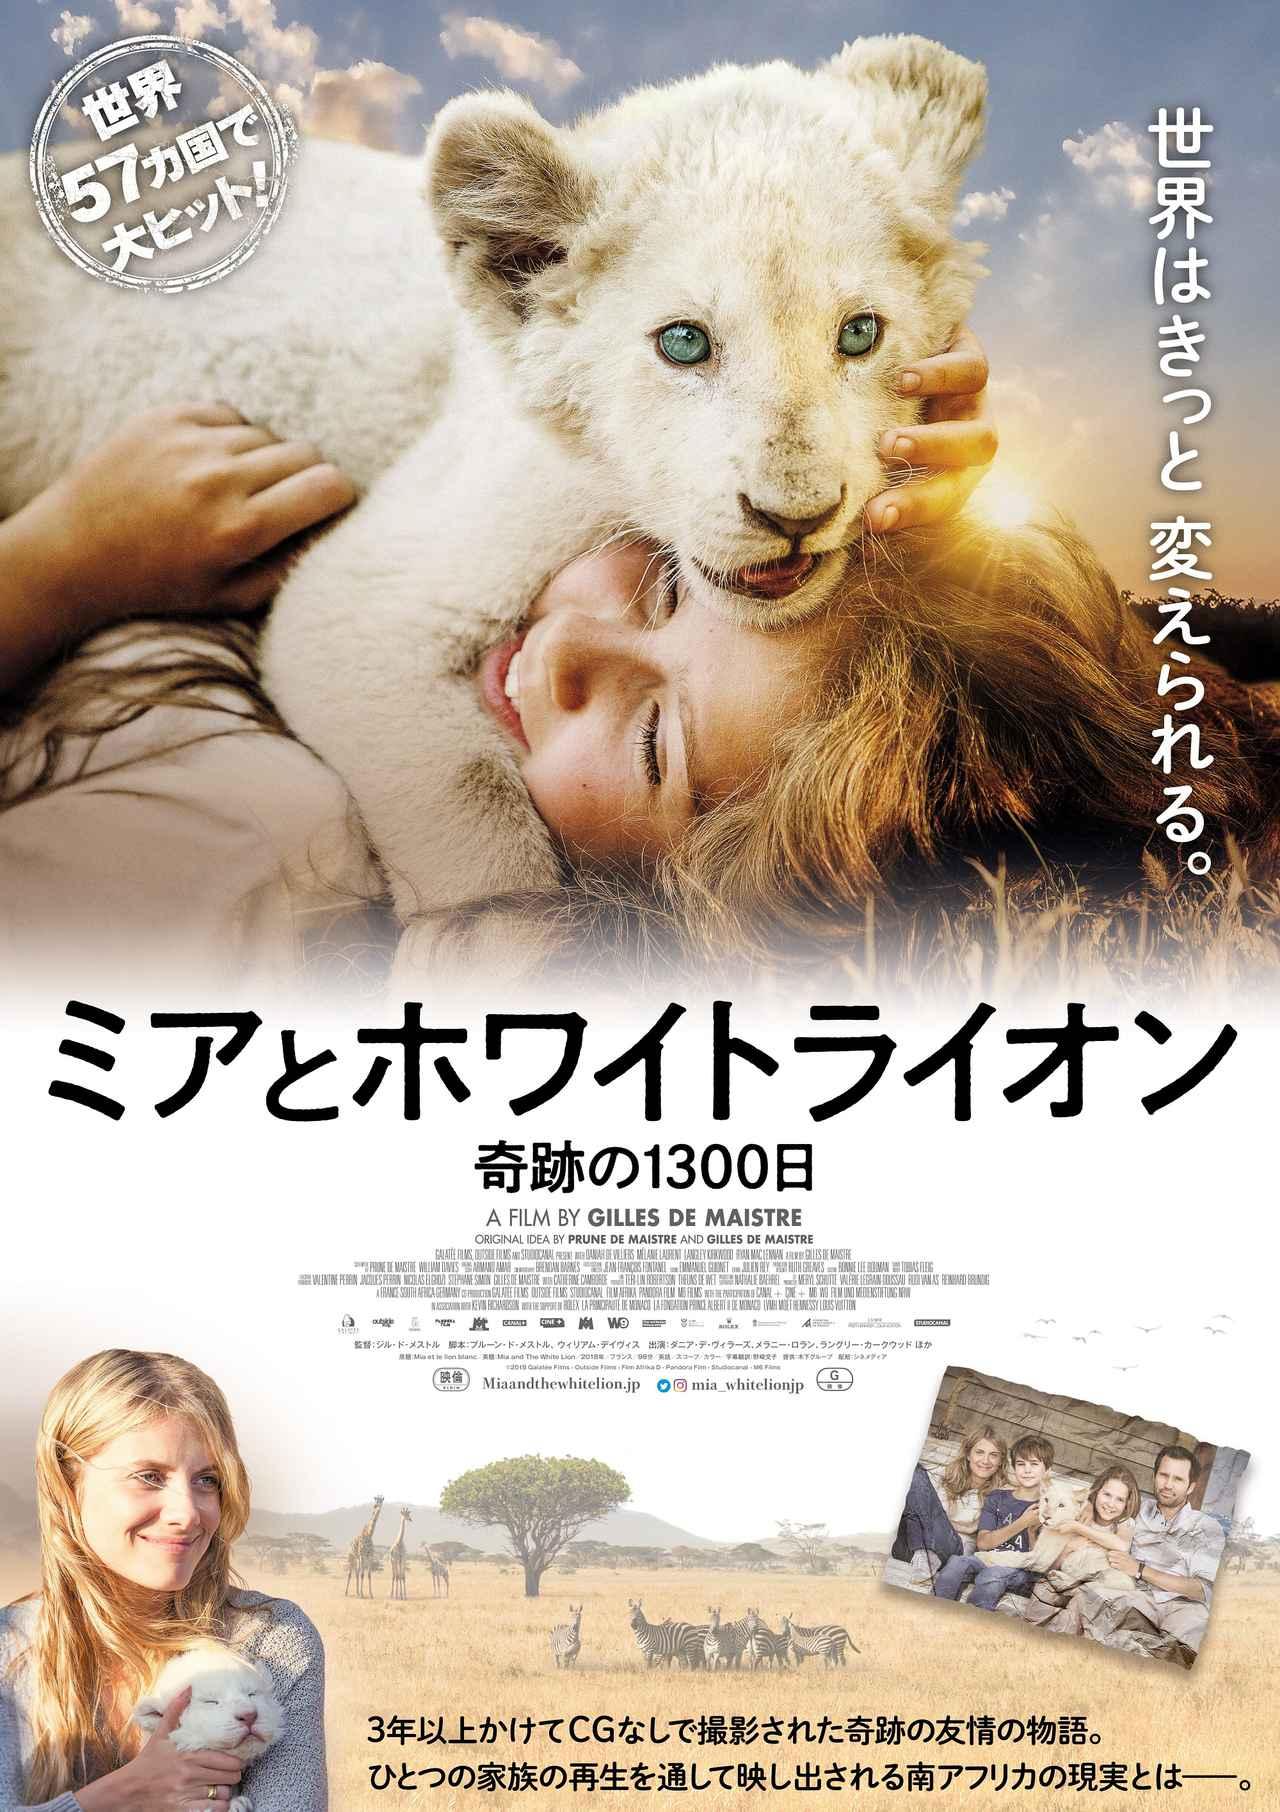 画像: 映画『ミアとホワイトライオン 奇跡の1300日』より、12歳の少女がライオンと心を通わすまでを収めた特別映像第2弾が到着!